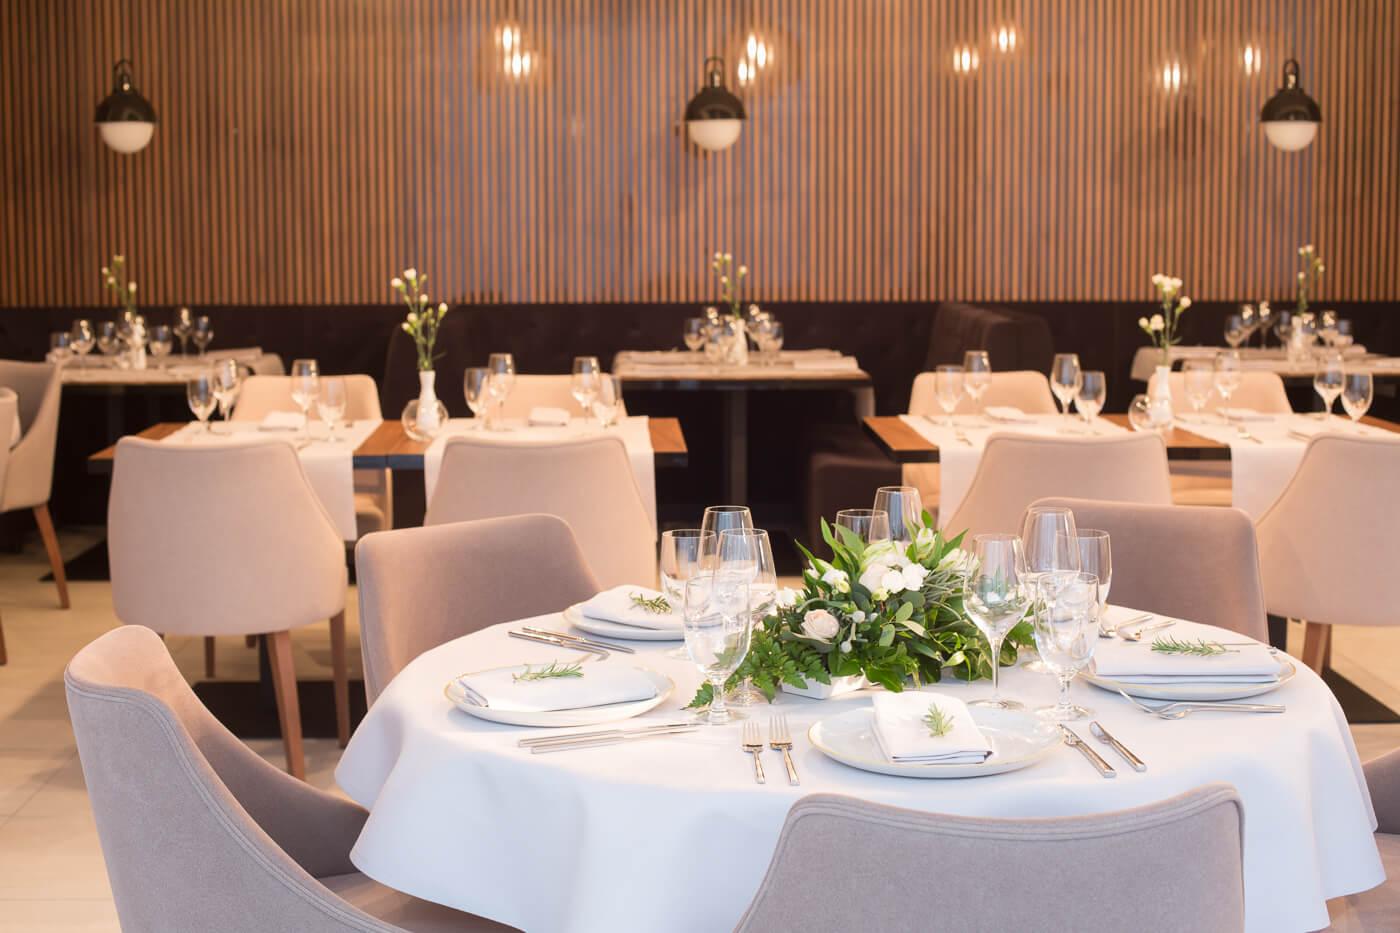 Restauracja Four w centrum Krakowa